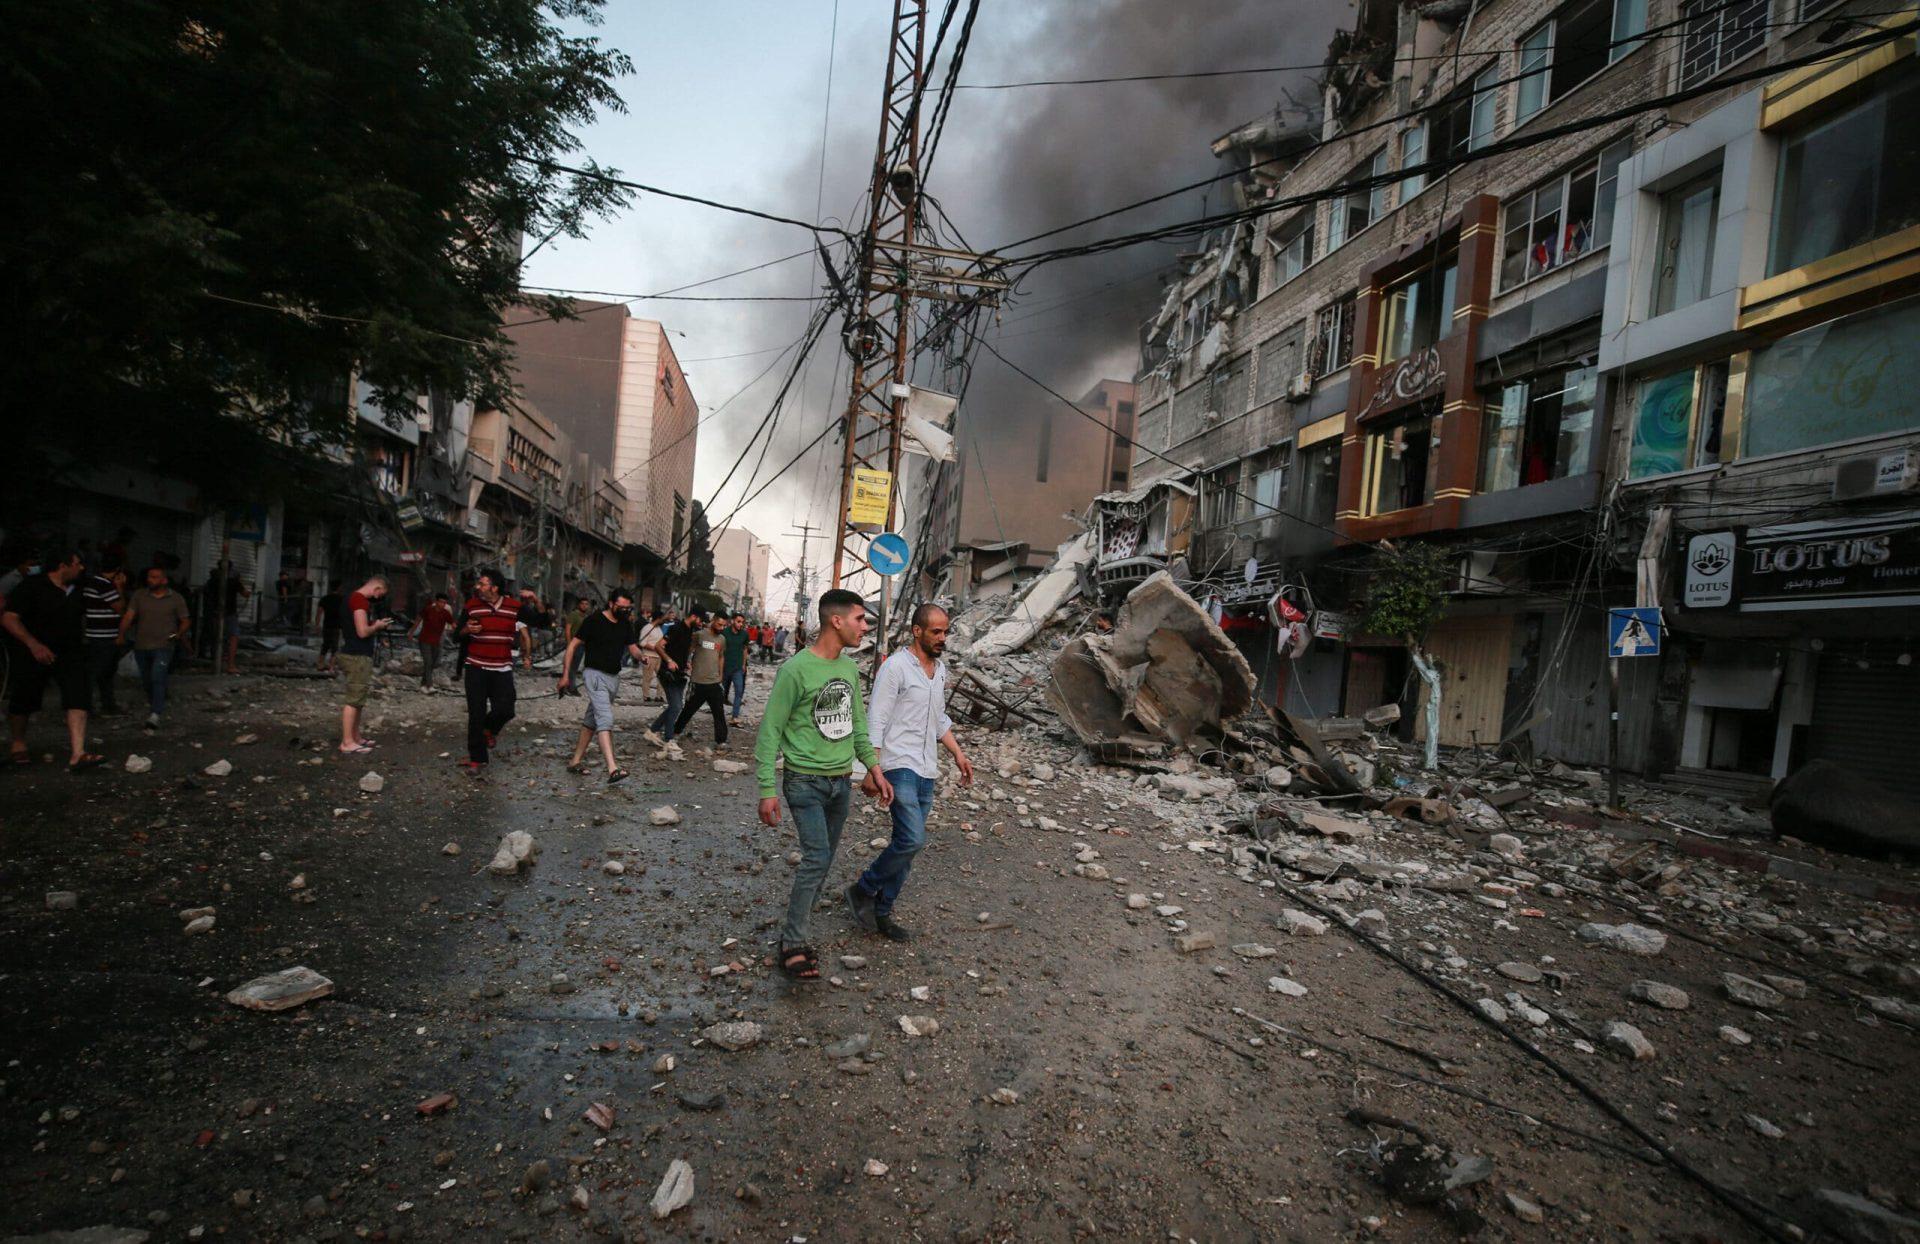 اتصالات ترد على سكان غزة لجمع معلومات شخصية عنهم باسم اللجنة القطرية (استمع)